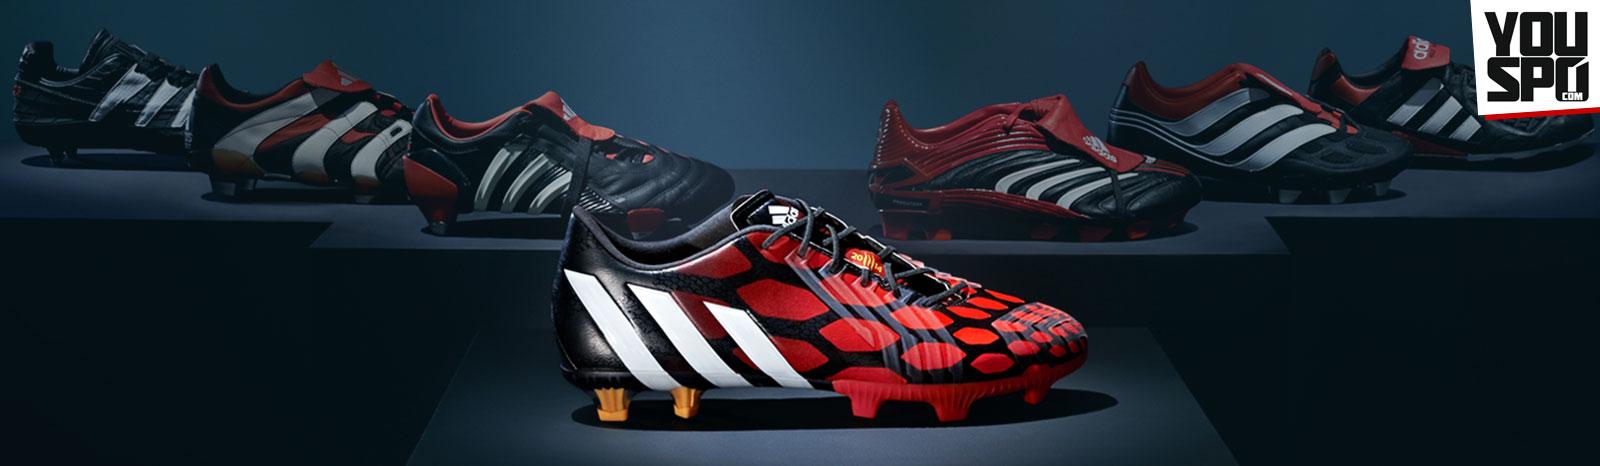 Adidas Predator Evolution zum Instinct TRX FG Fußballschuhe in infrared/black